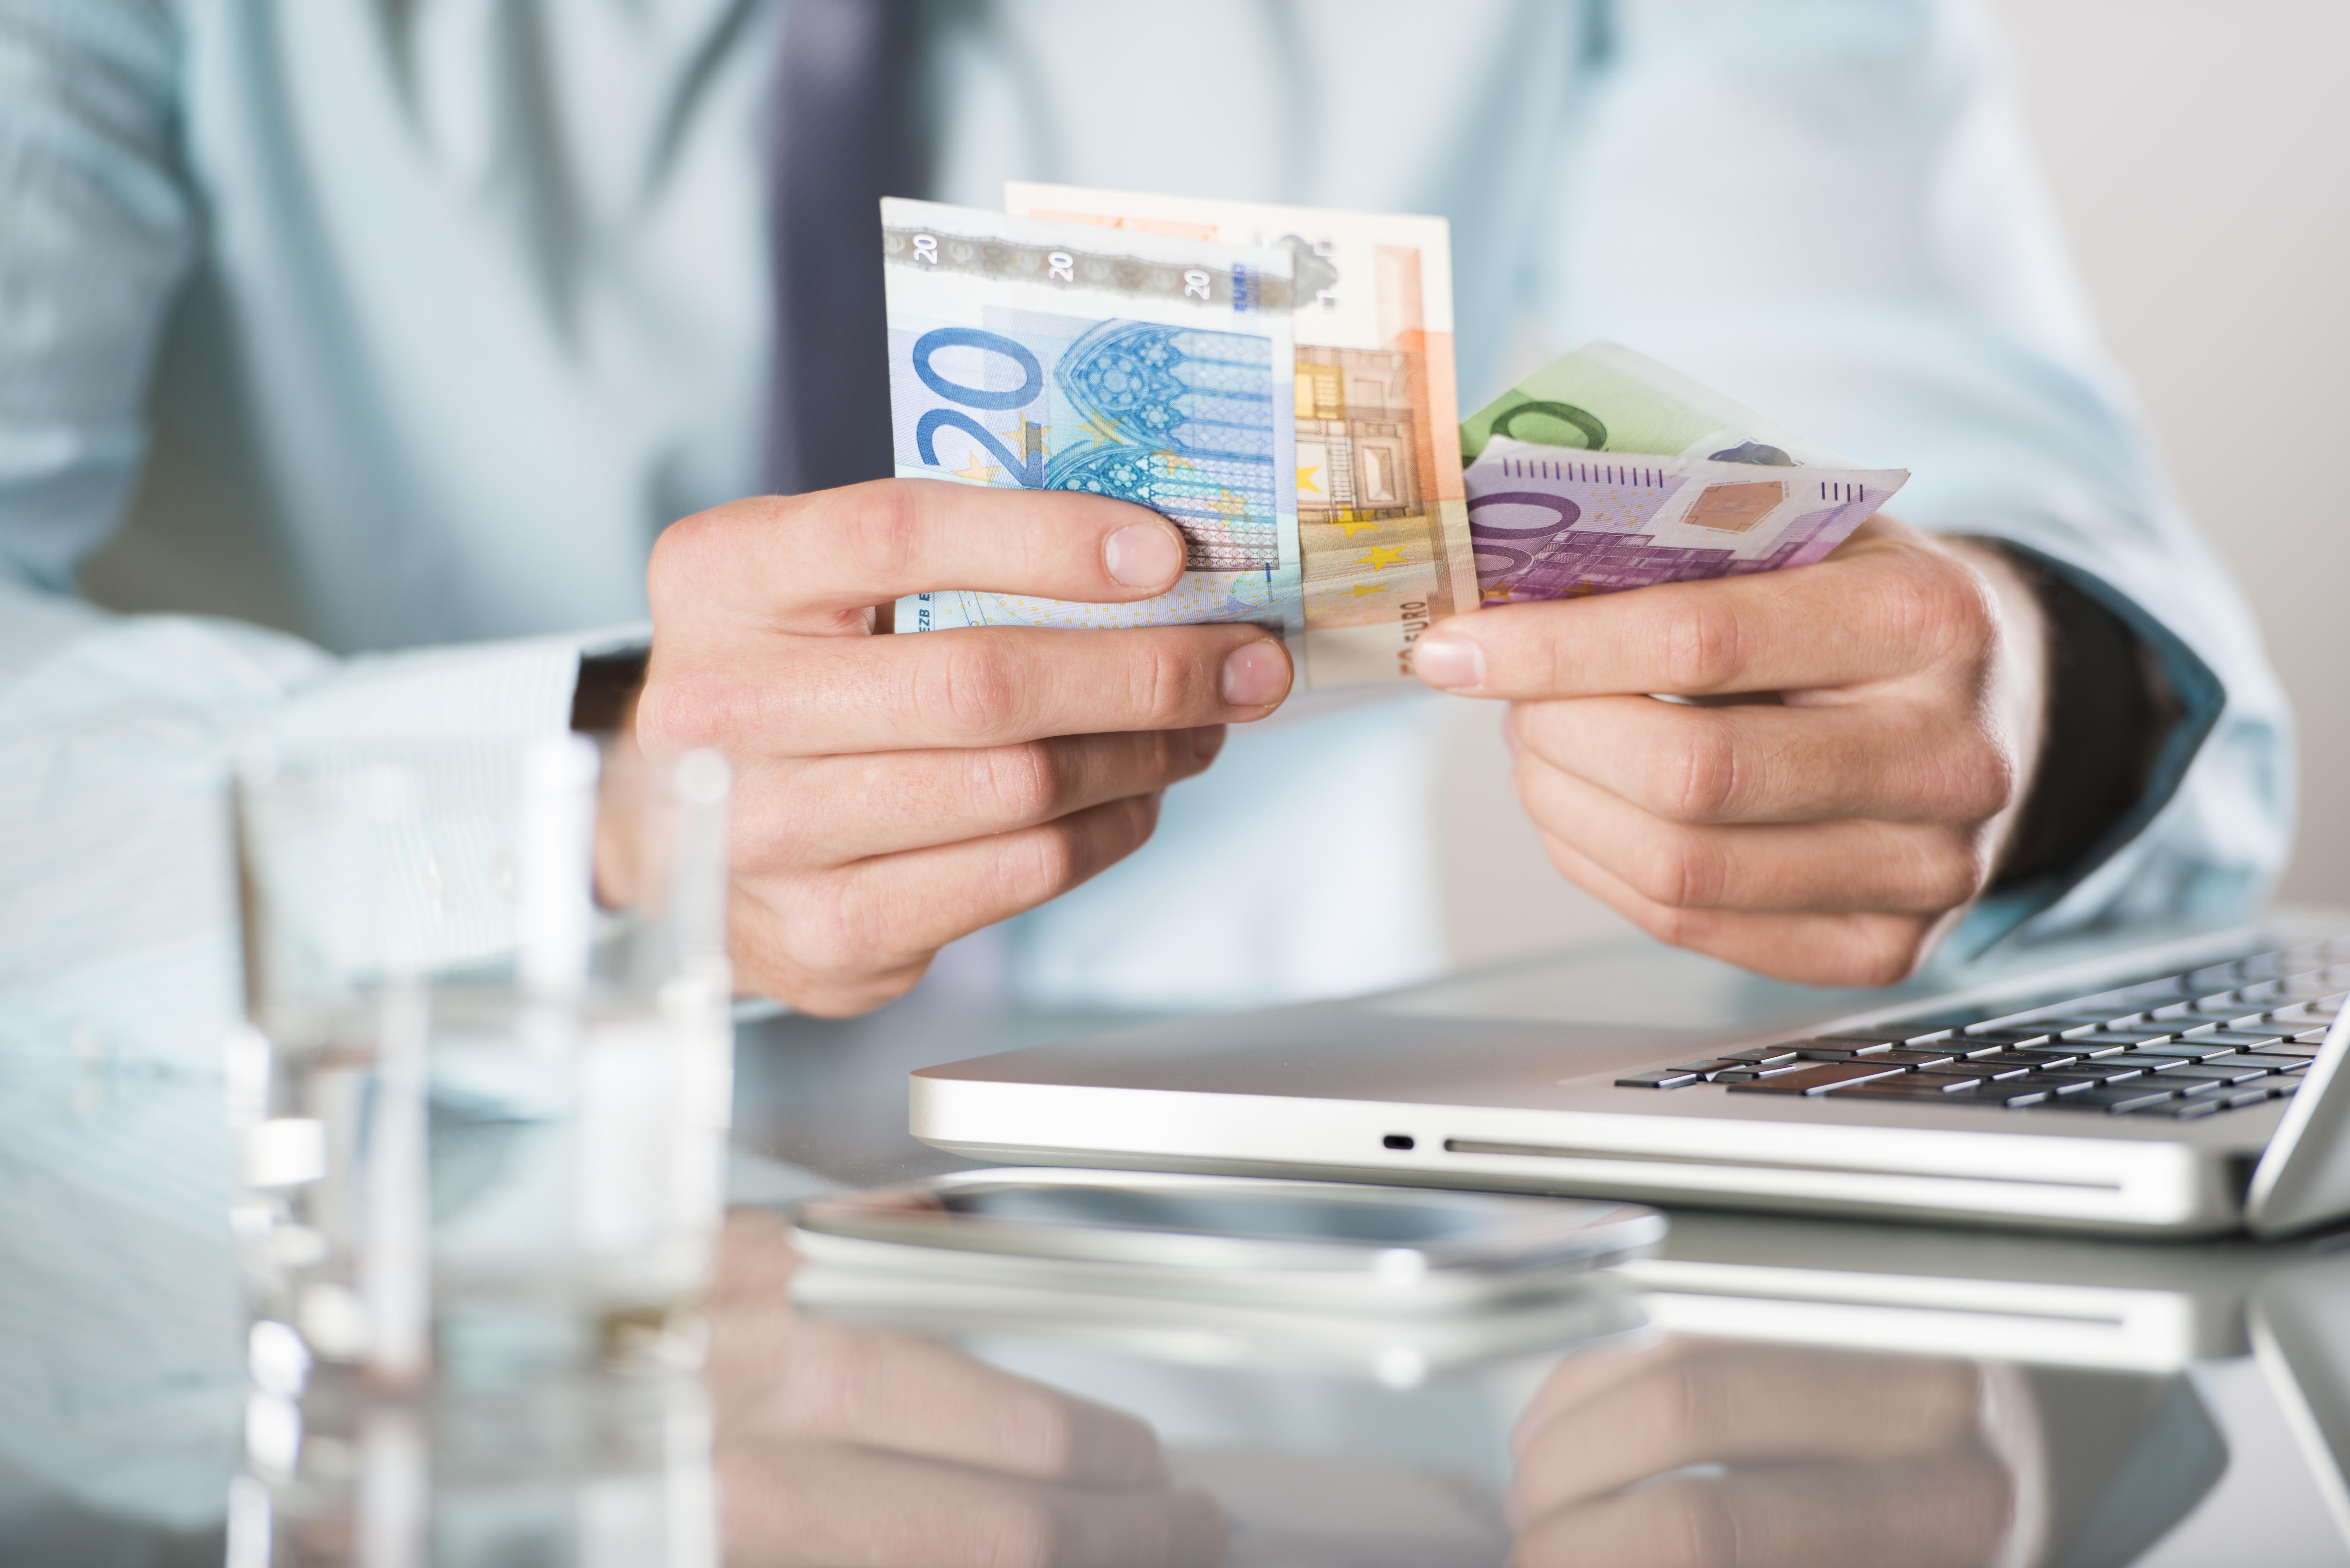 gagner gagner Comment gagner 10 000 euros en un temps record ! 🎰 gagner